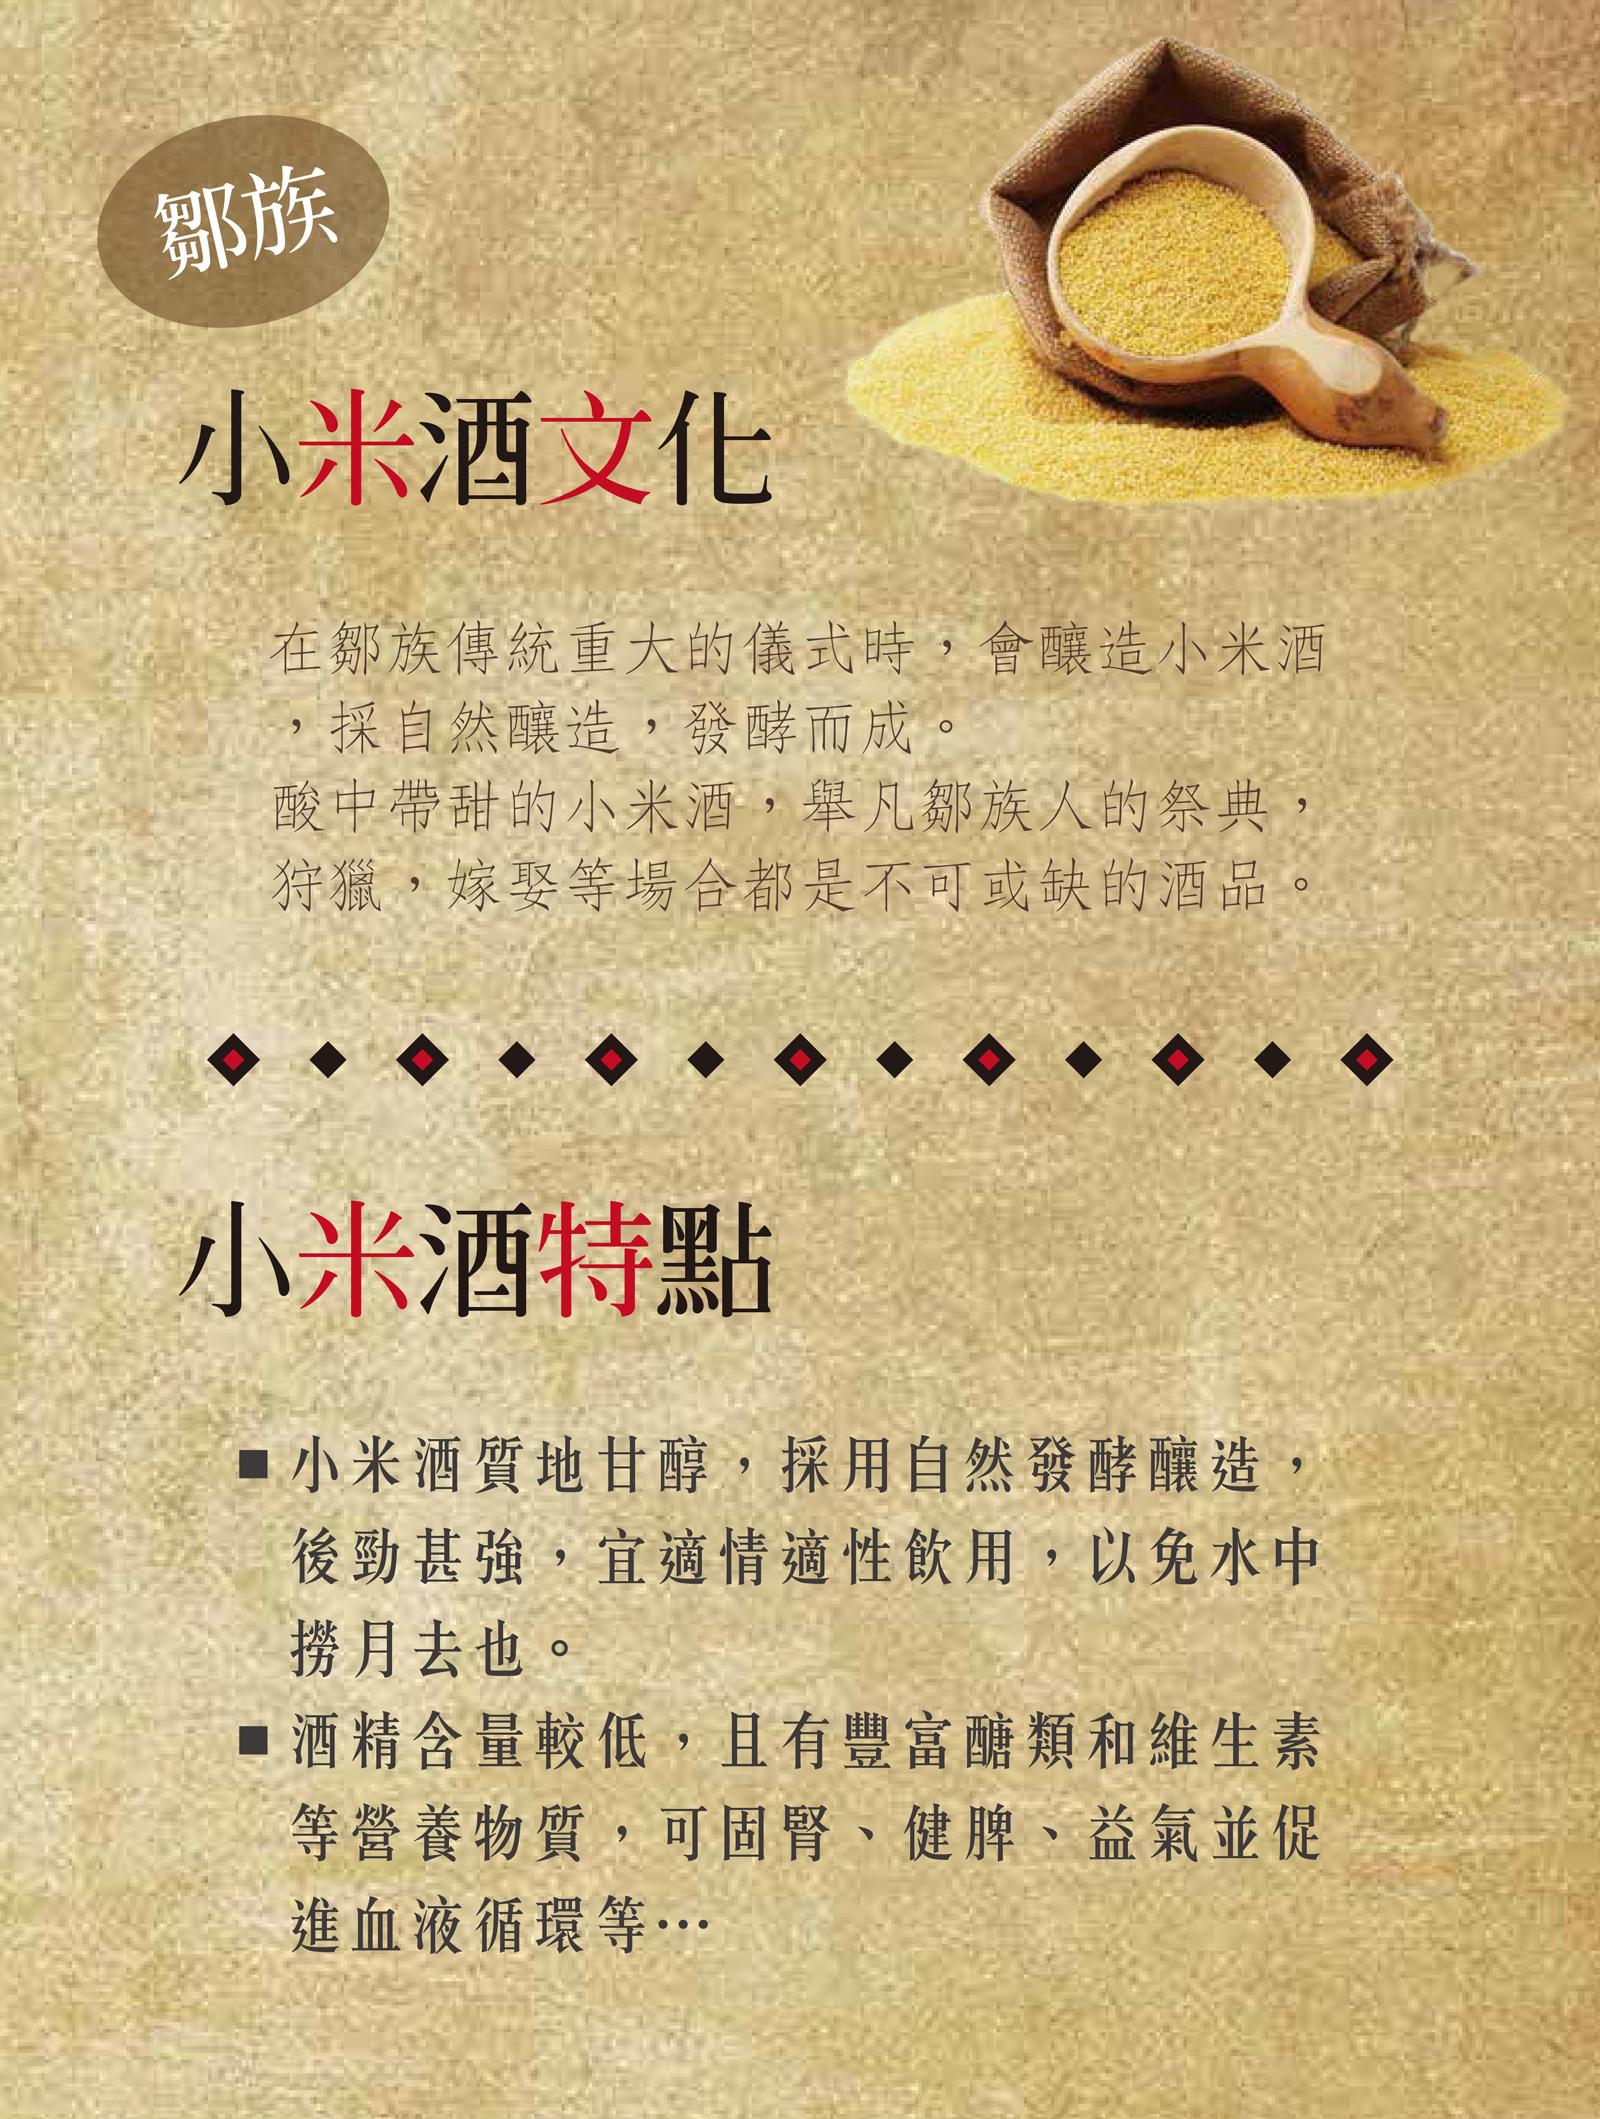 杜姑原住民小米酒